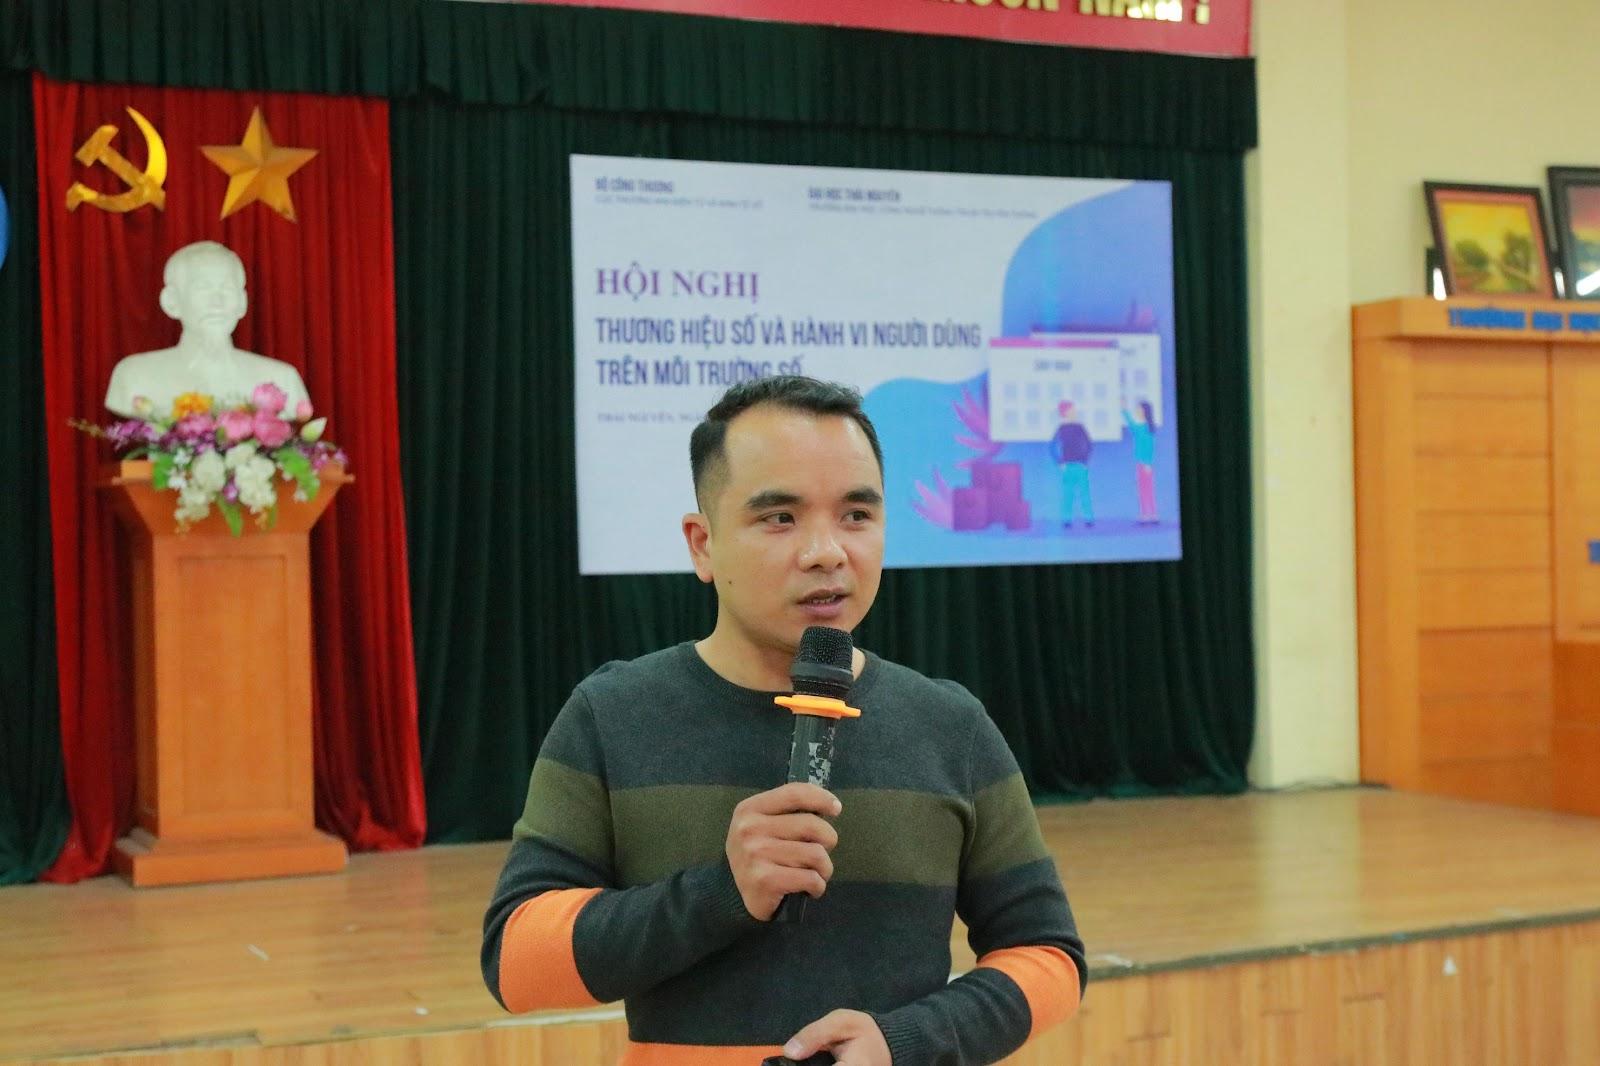 Anh Trần Đình Thành – Chuyên gia Digital Marketing trình bày về Xu hướng quảng cáo, bán hàng trực tuyến trên nền tảng Tiktok và Fb